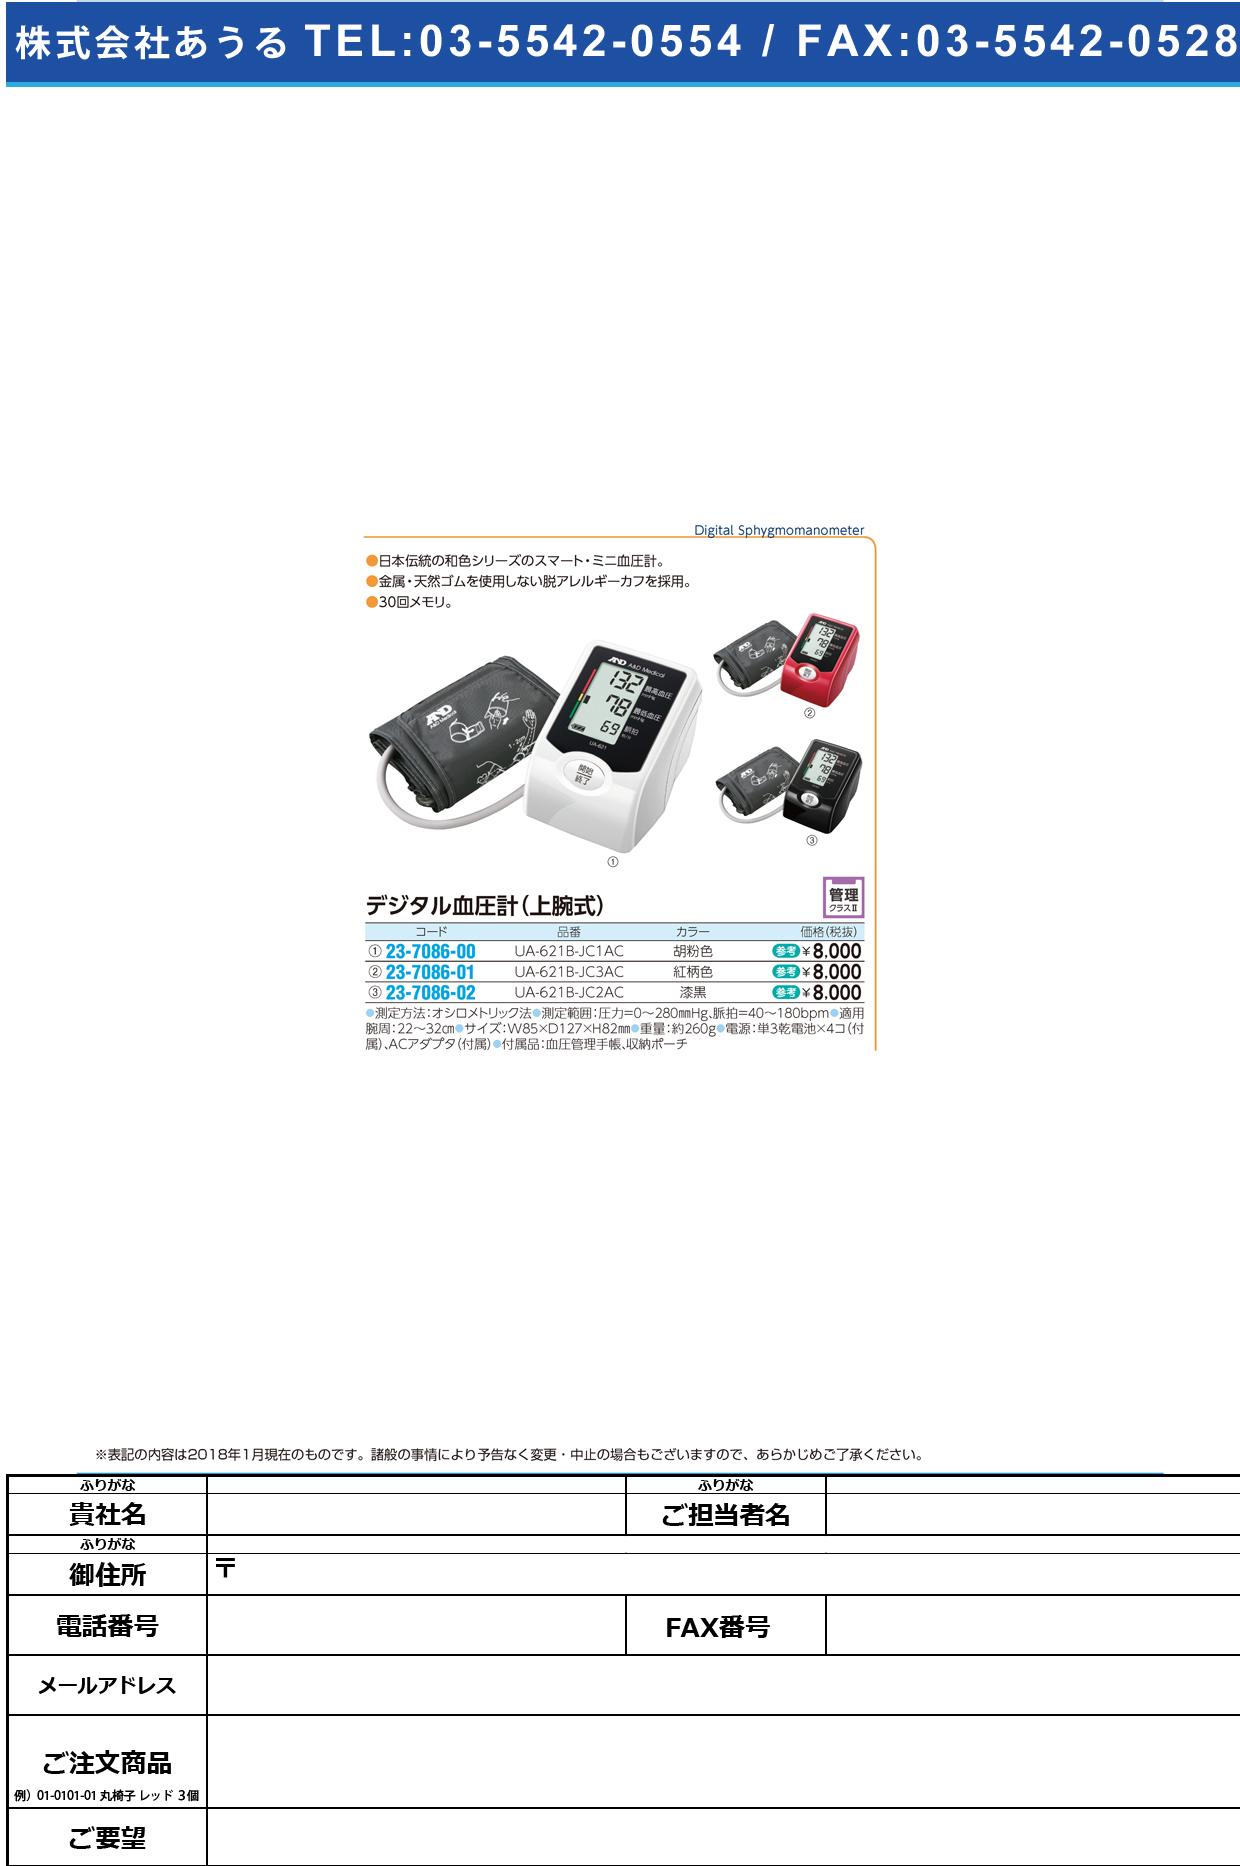 (23-7086-02)デジタル血圧計(上腕式)漆黒 UA-621B-JC2AC(シッコク) デジタルケツアツケイ(ジョウワン)(エー・アンド・デイ)【1台単位】【2018年カタログ商品】